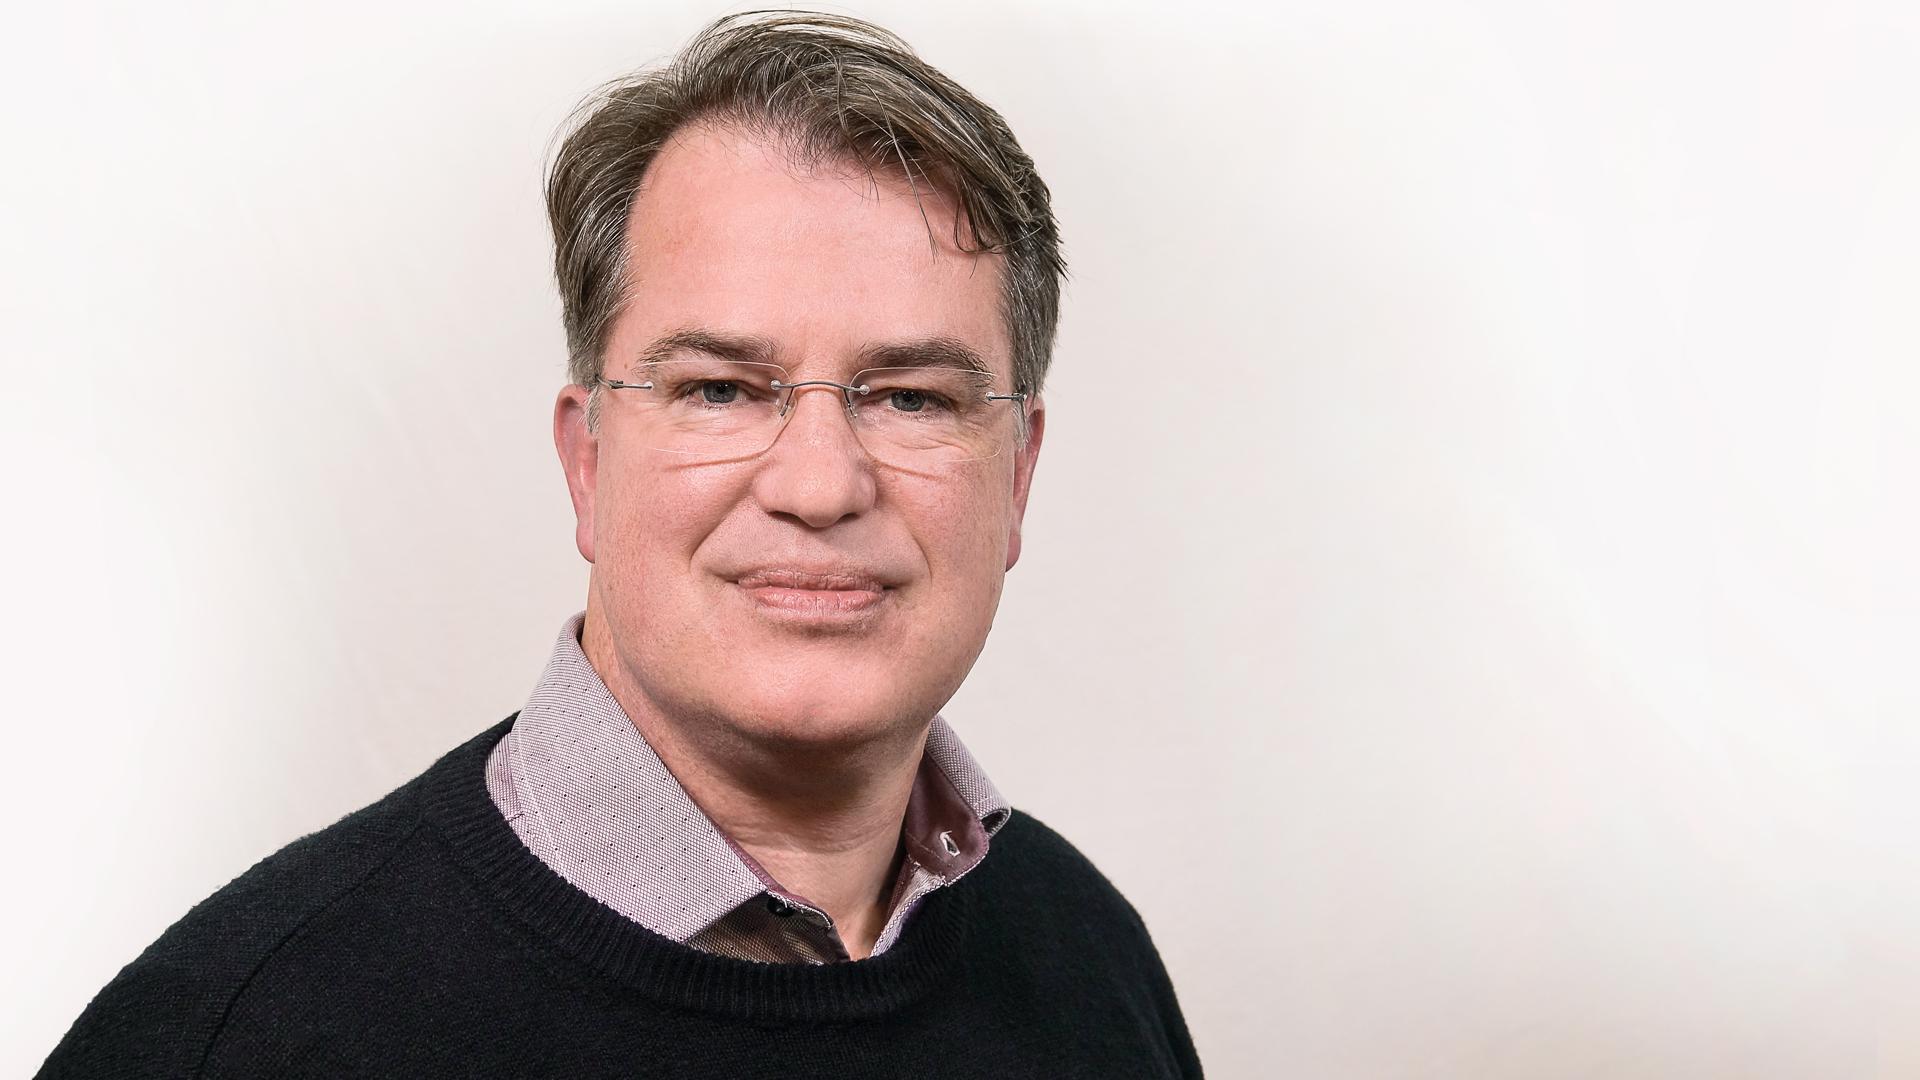 Michael Voß ist Hörfunk-Redakteur aus Halle (Saale) und Vorsitzender des Christlichen Medienverbundes KEP, zu dem auch das Christliche Medienmagazin pro gehört.